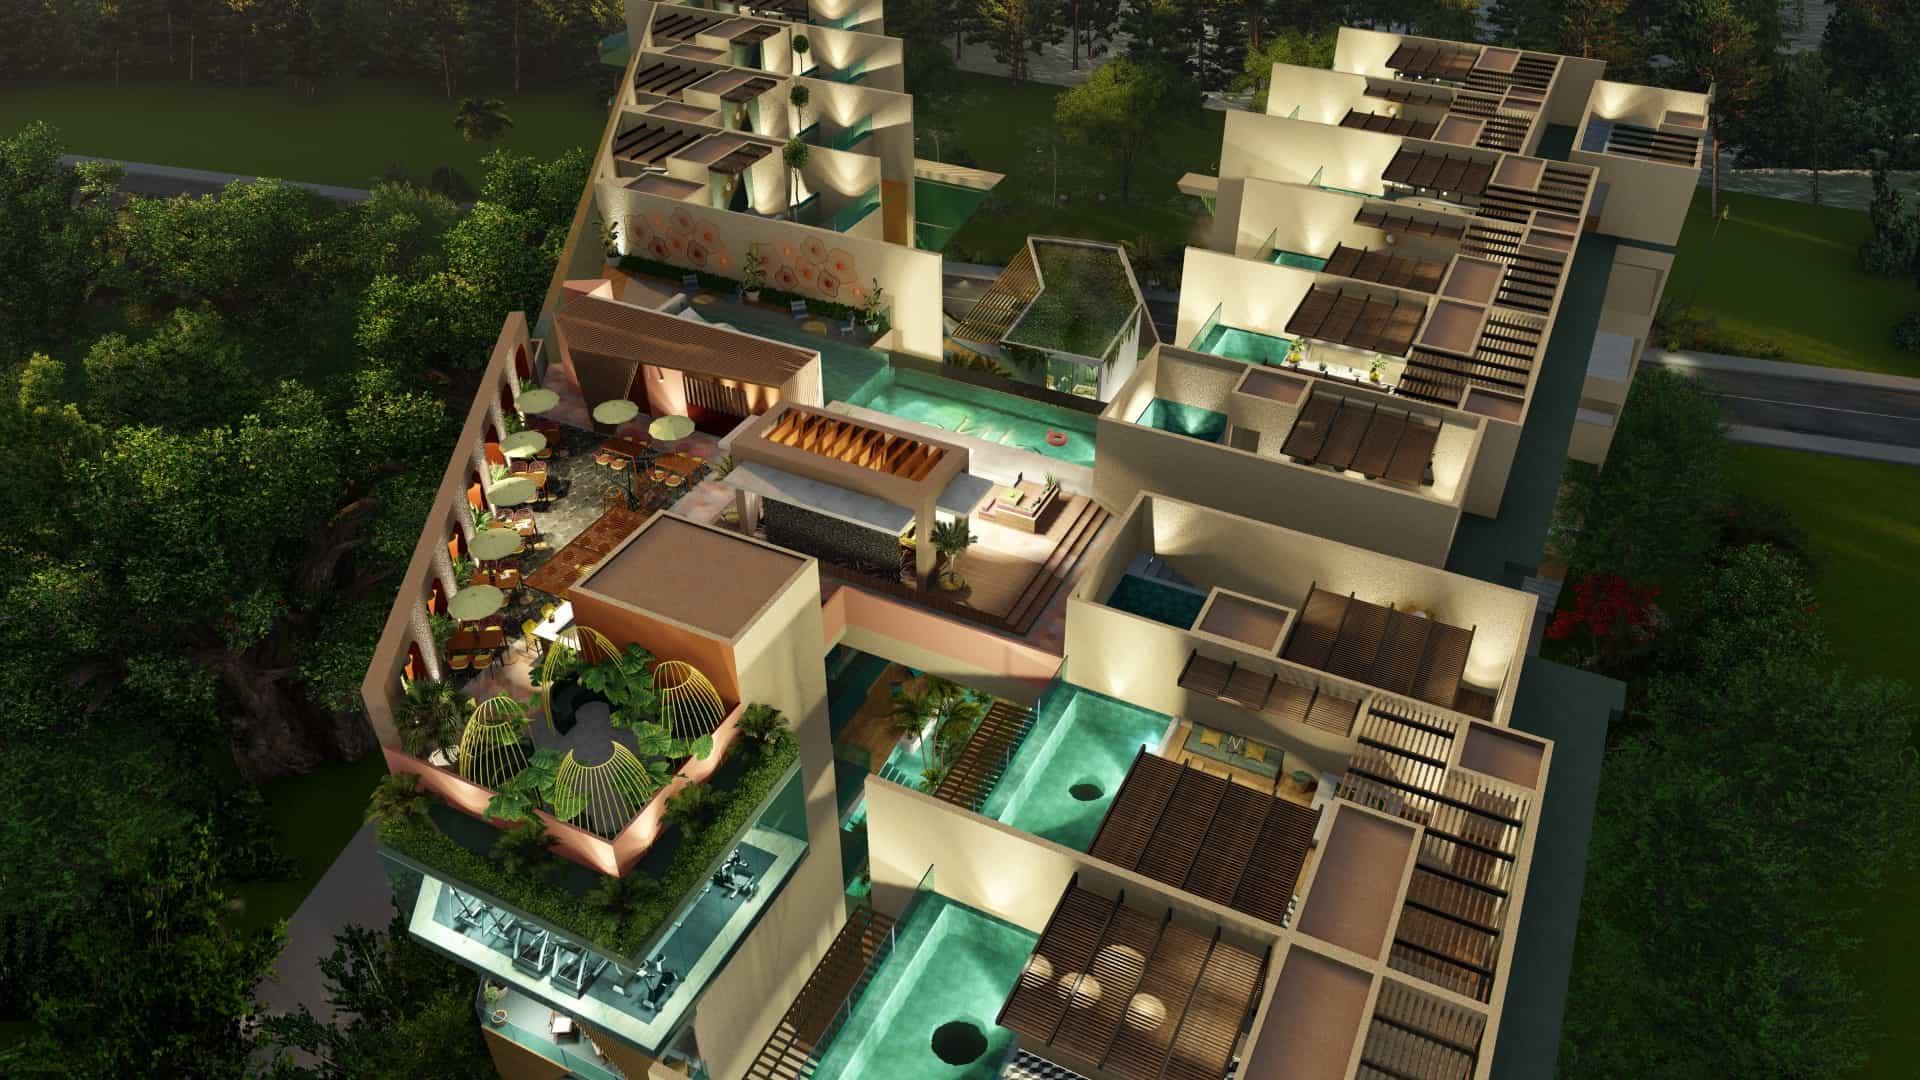 Se vende departamento de lujo estilo Art Decó con tecnología sustentable en Playa del Carmen, Quintana Roo